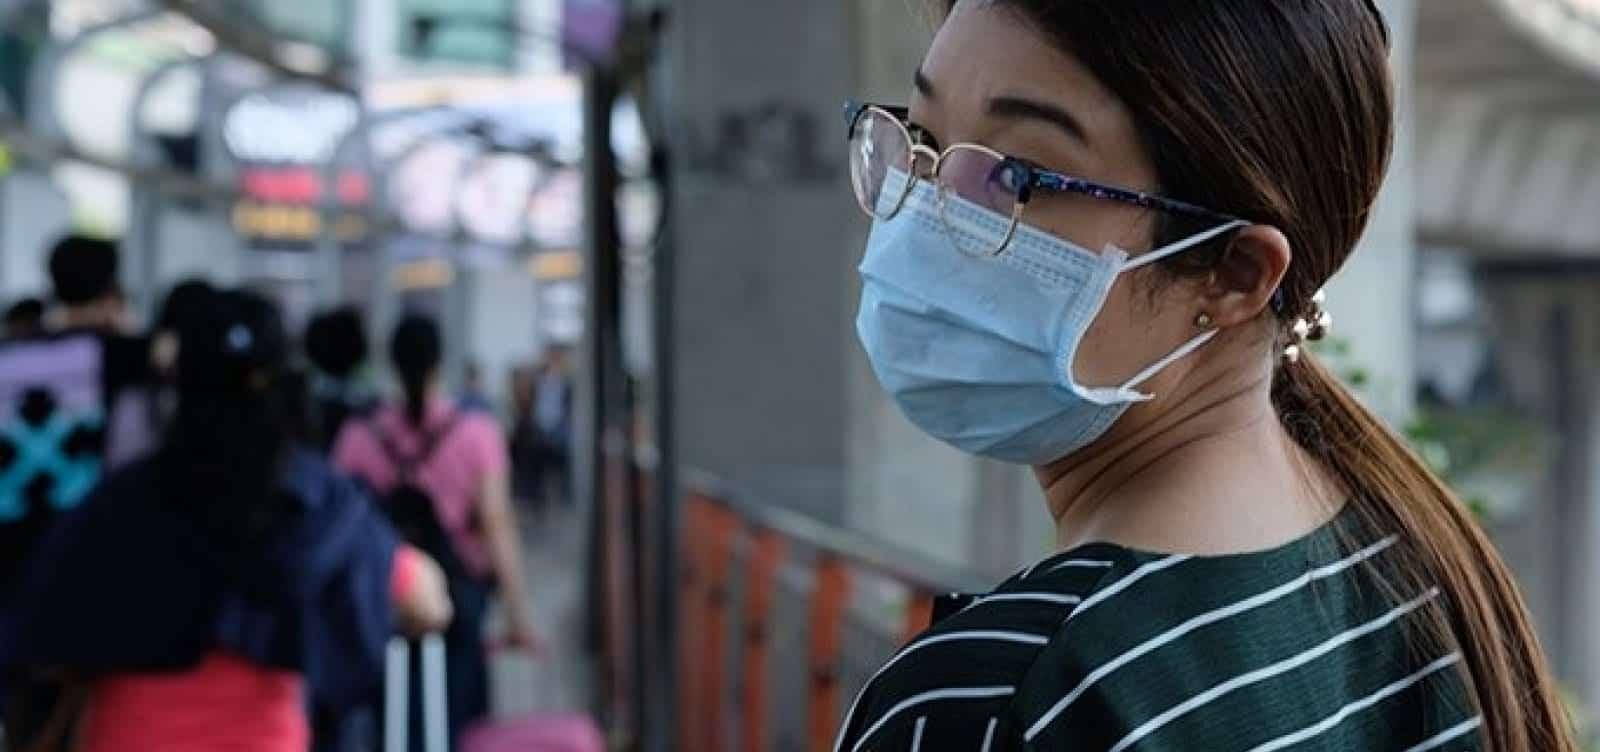 Cumprimentos alternativos - soluções para combater o coronavírus